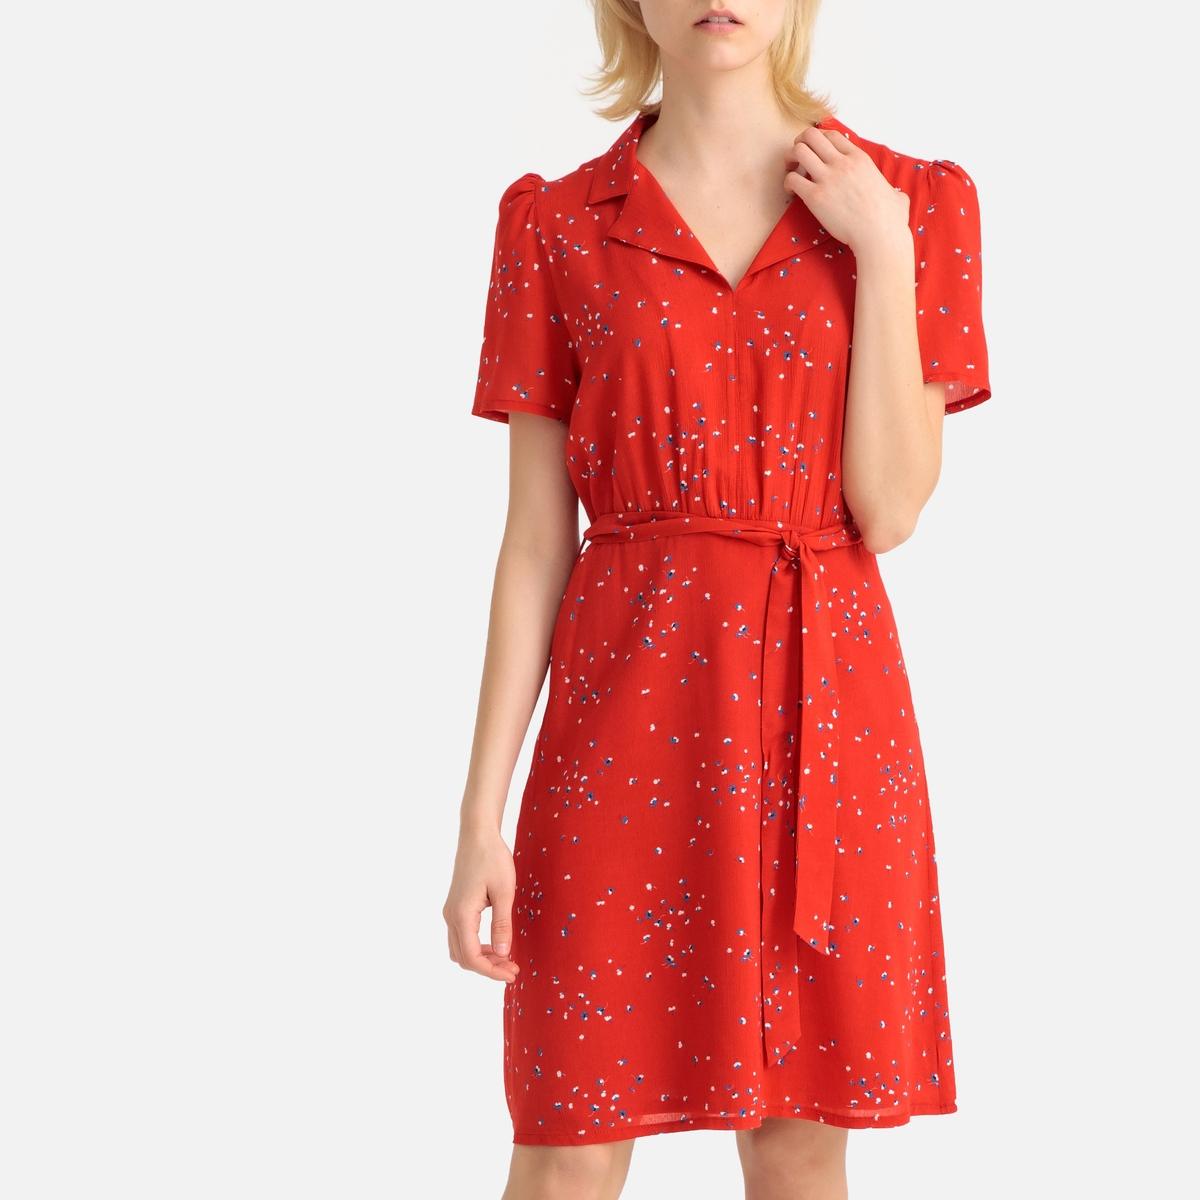 Платье-миди La Redoute Прямое с цветочным рисунком 50 (FR) - 56 (RUS) другие платье прямое с цветочным рисунком и контрастной полосой сзади